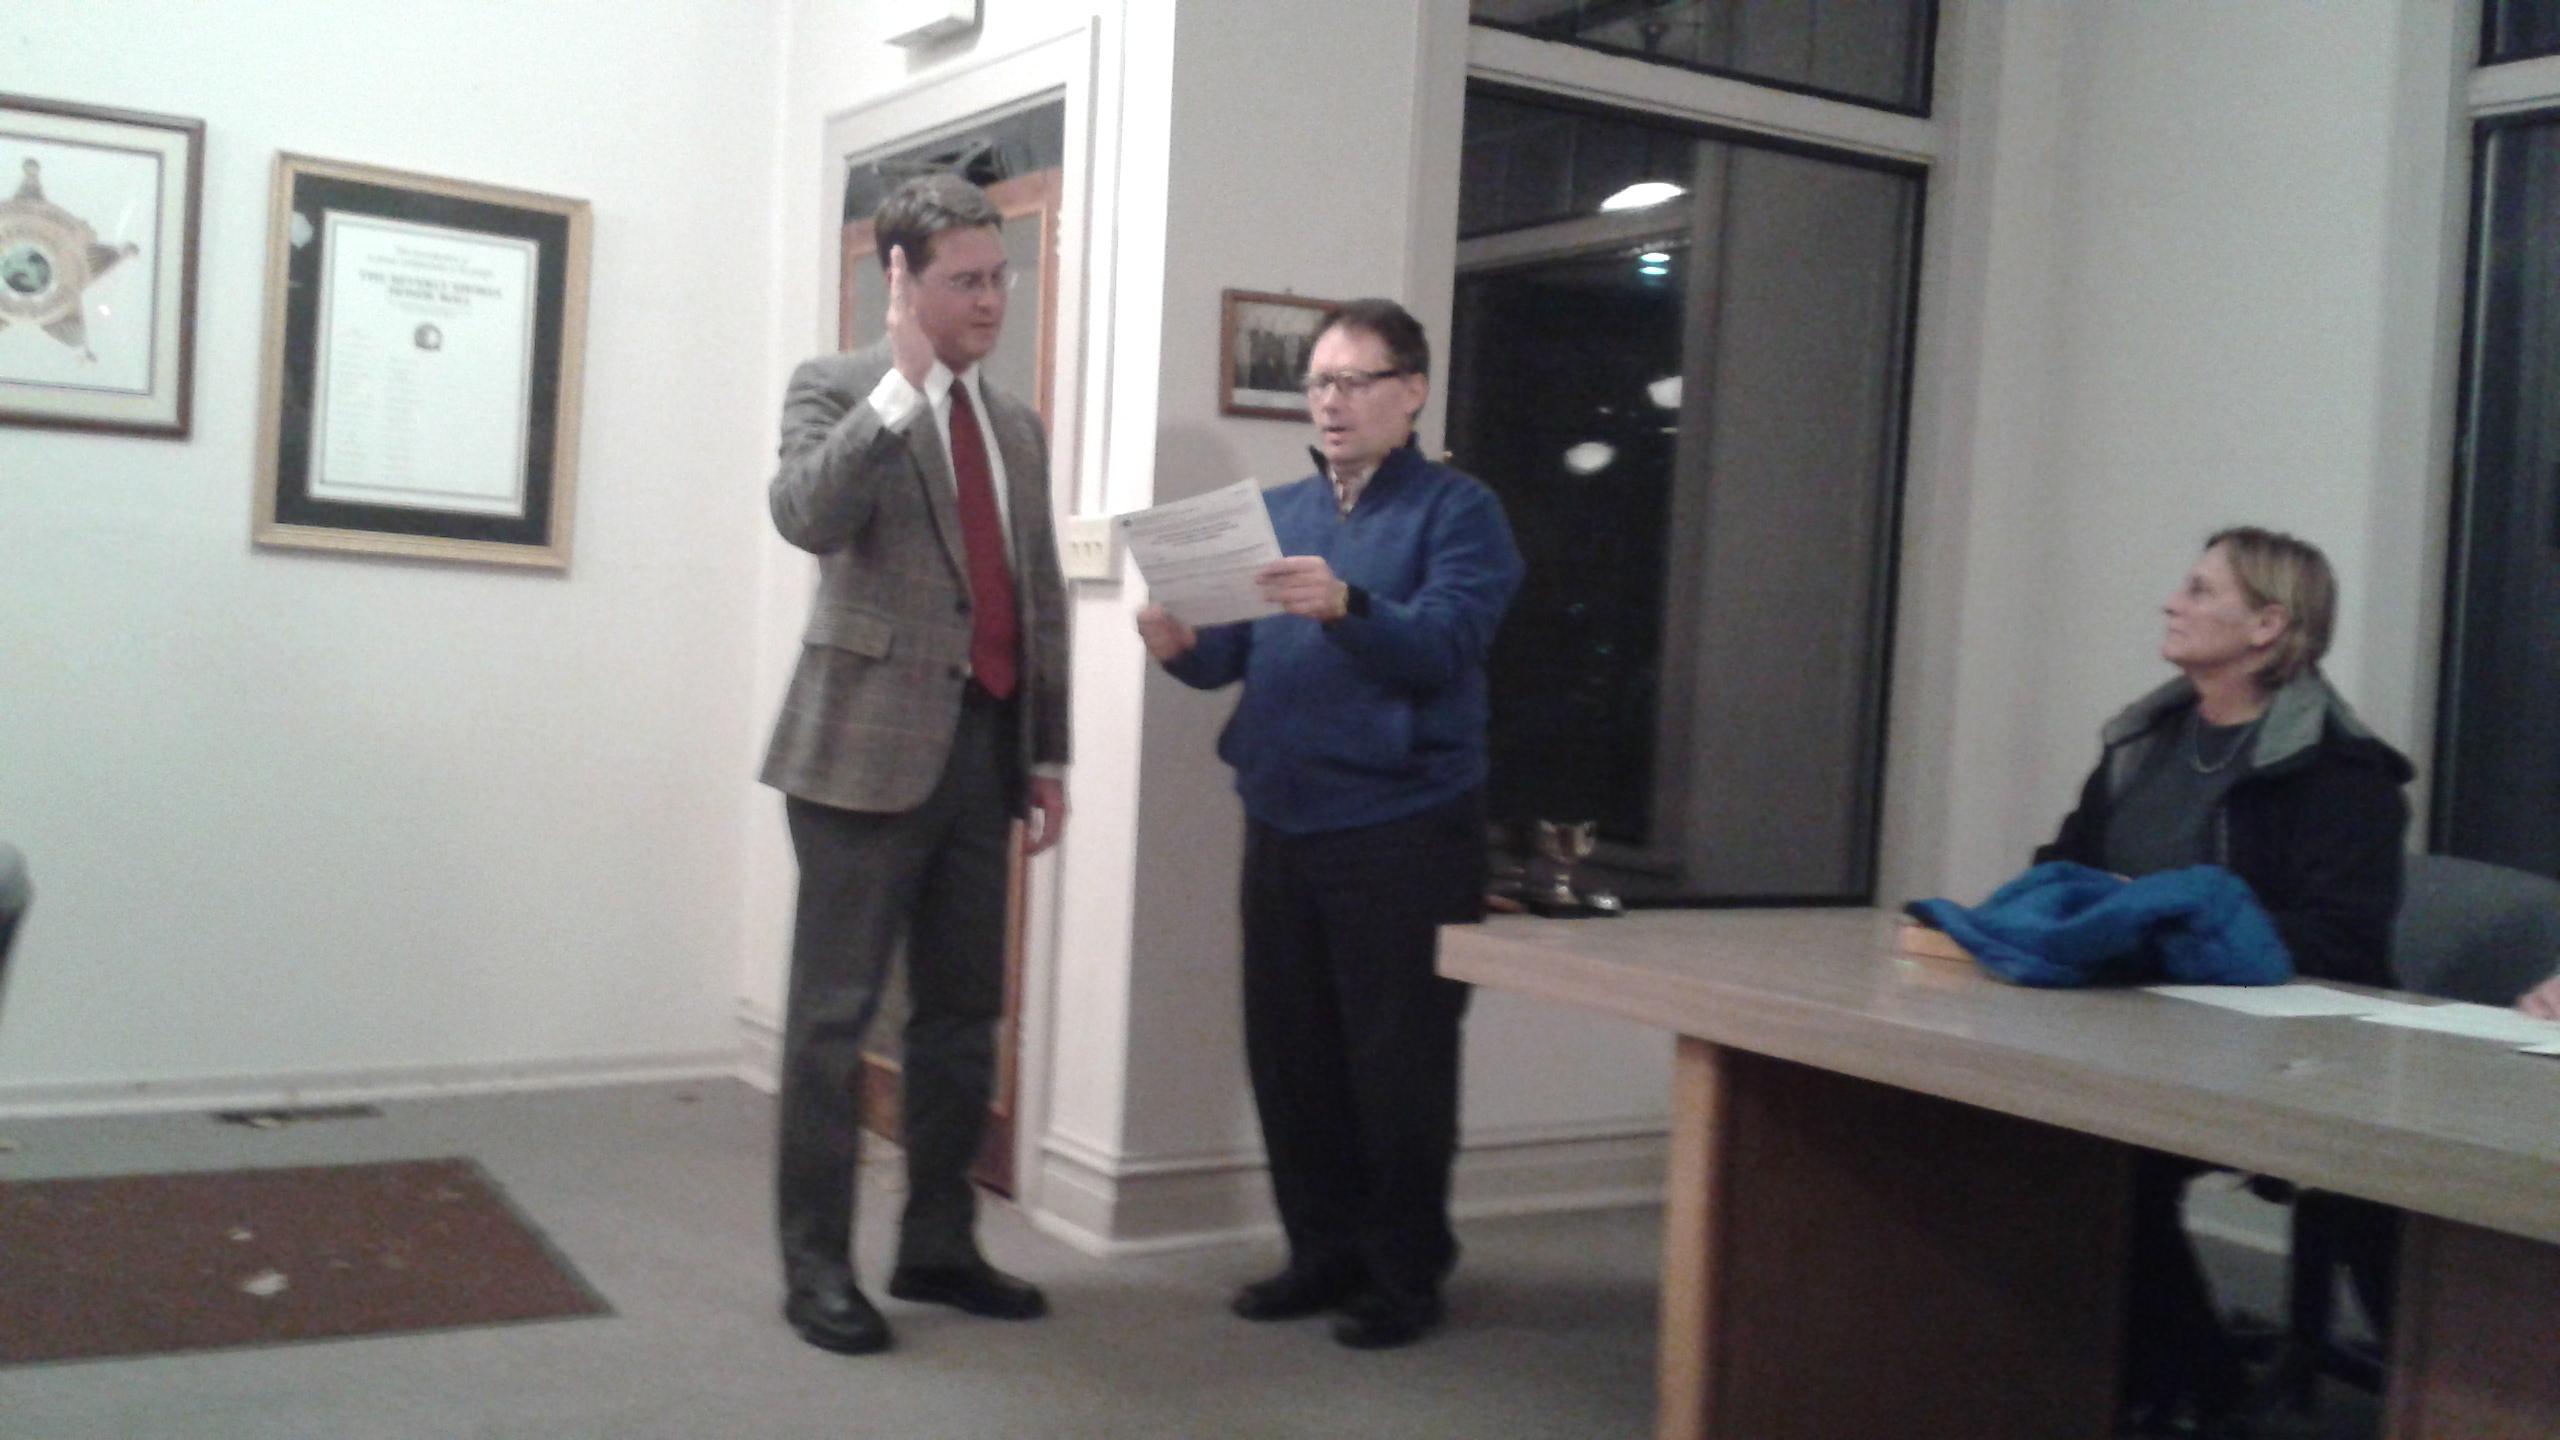 New Clerk-Treasurer Sworn In for Town of Beverly Shores